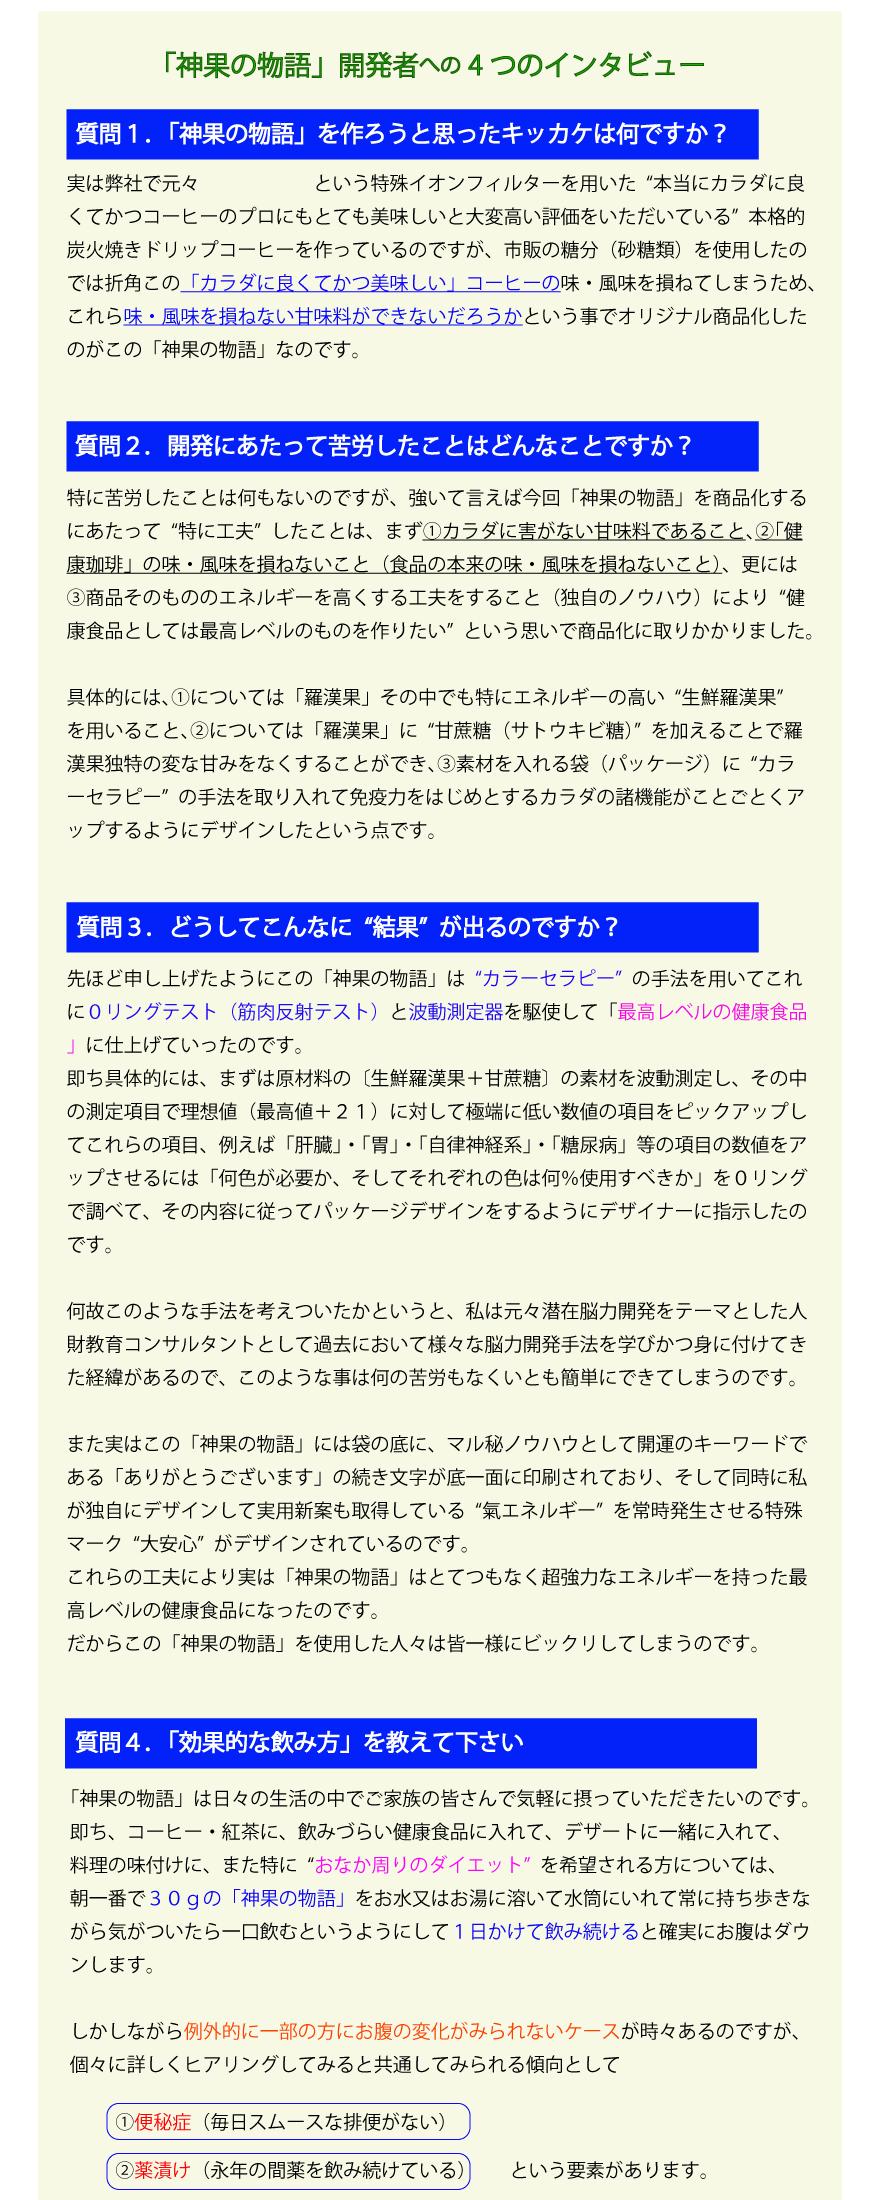 神果の物語開発者へ4つのインタビュー